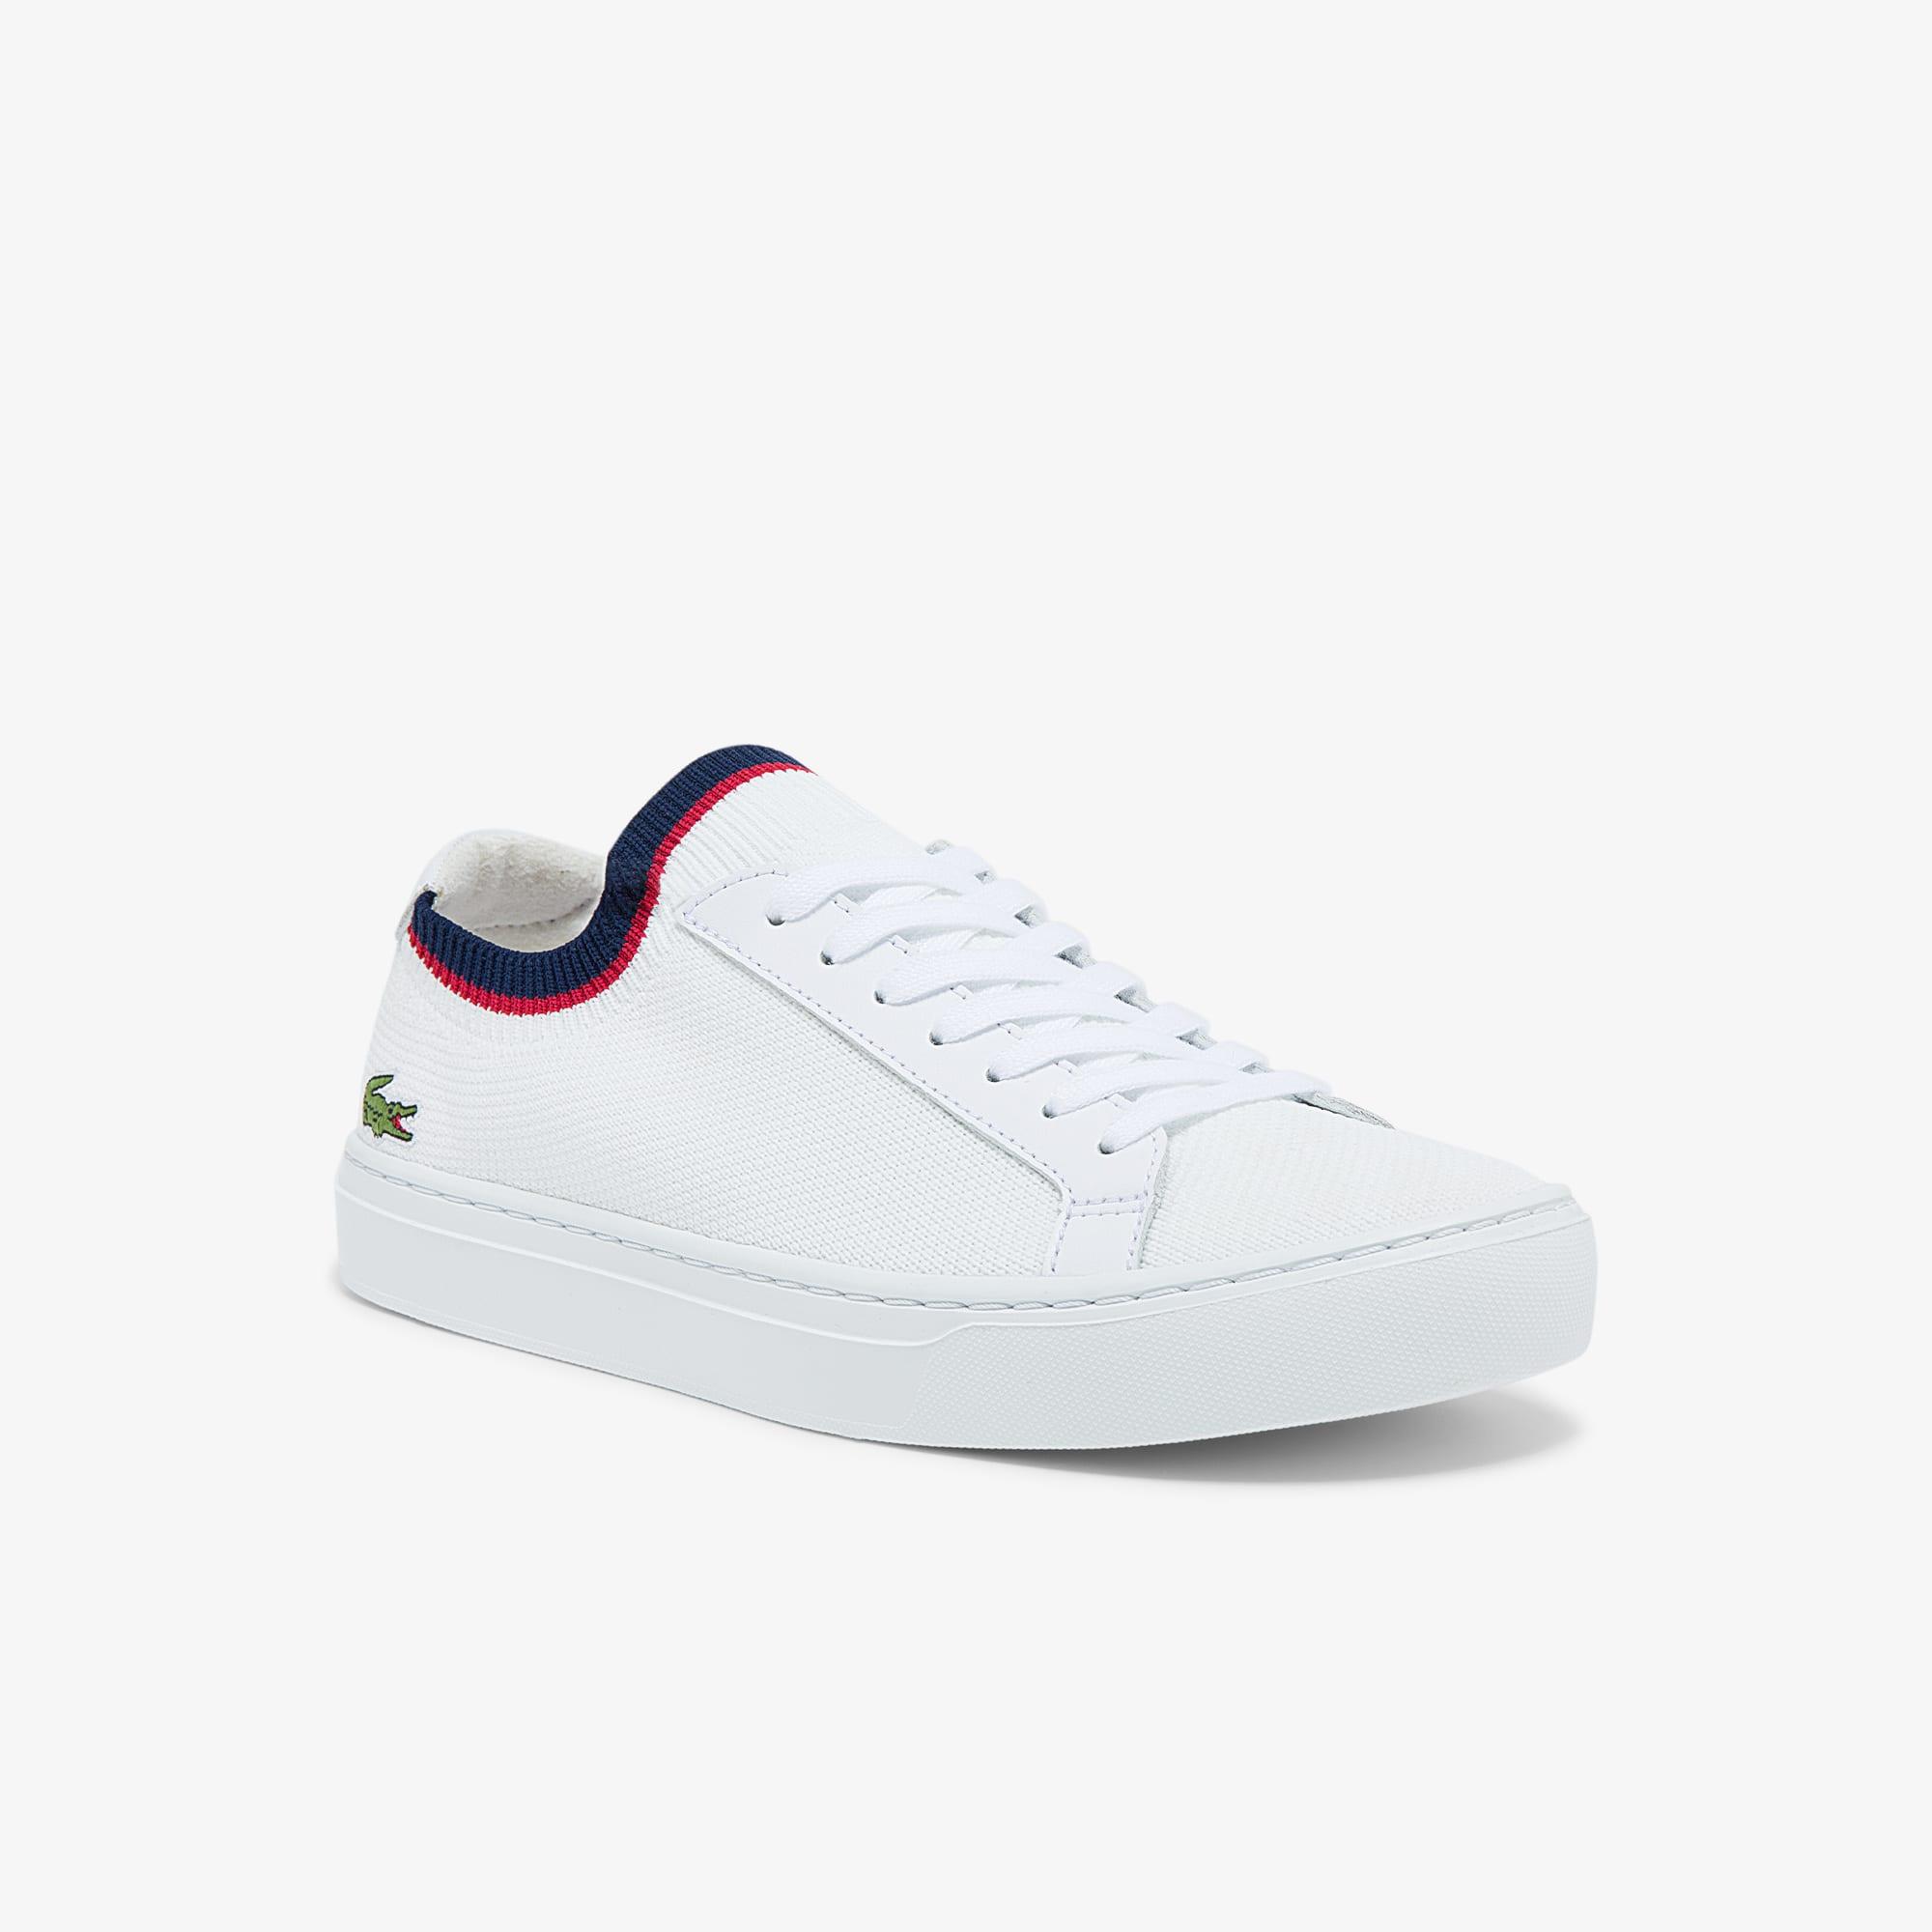 855c09208ab Coleção de calçado